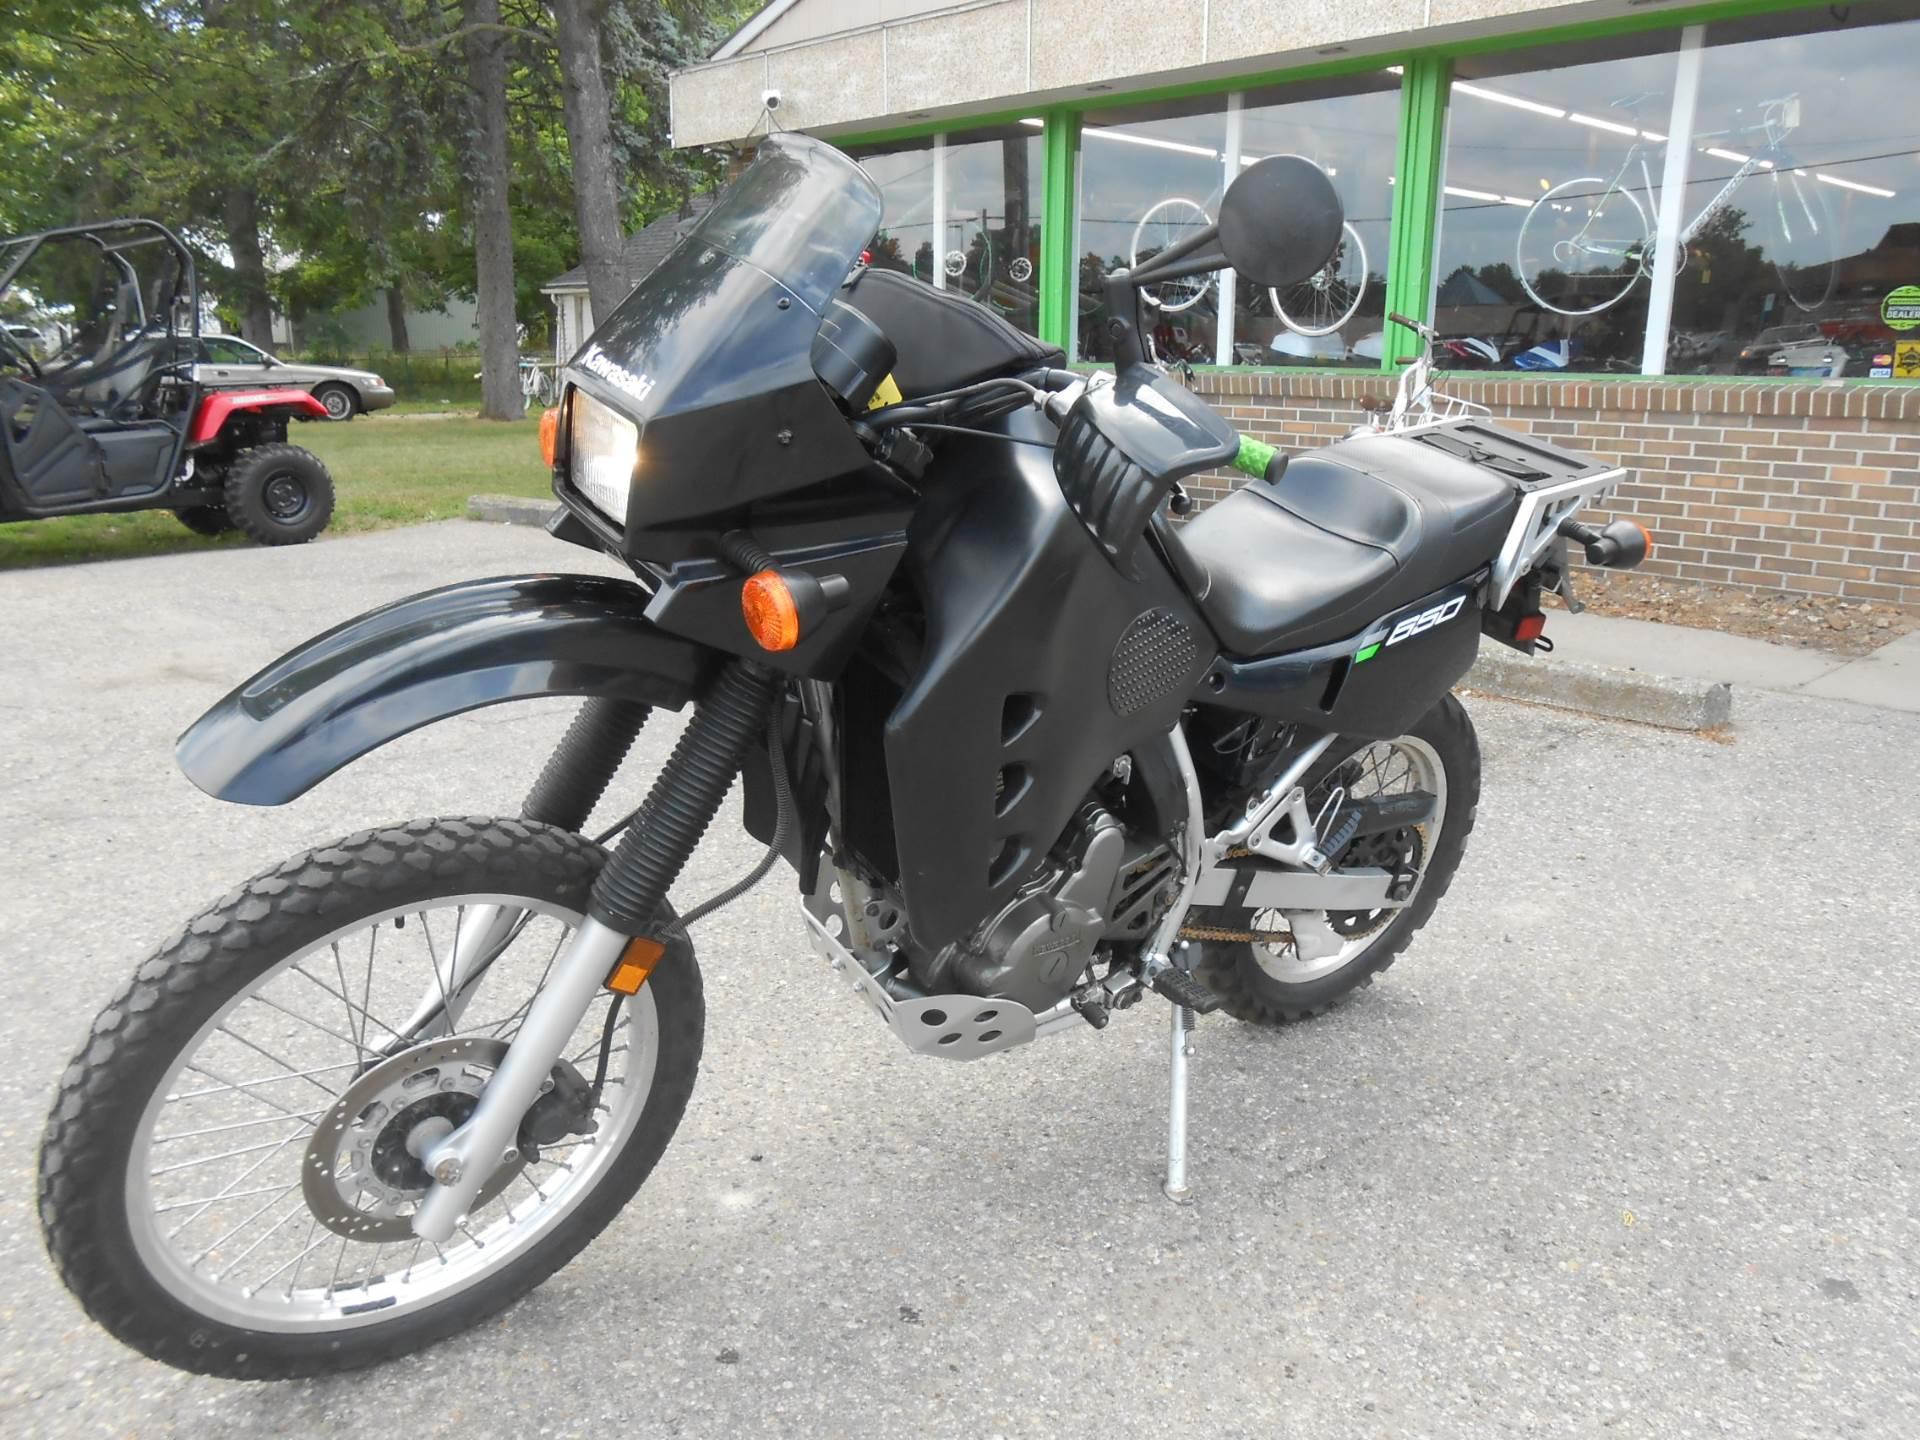 2007 Kawasaki KLR 650 3